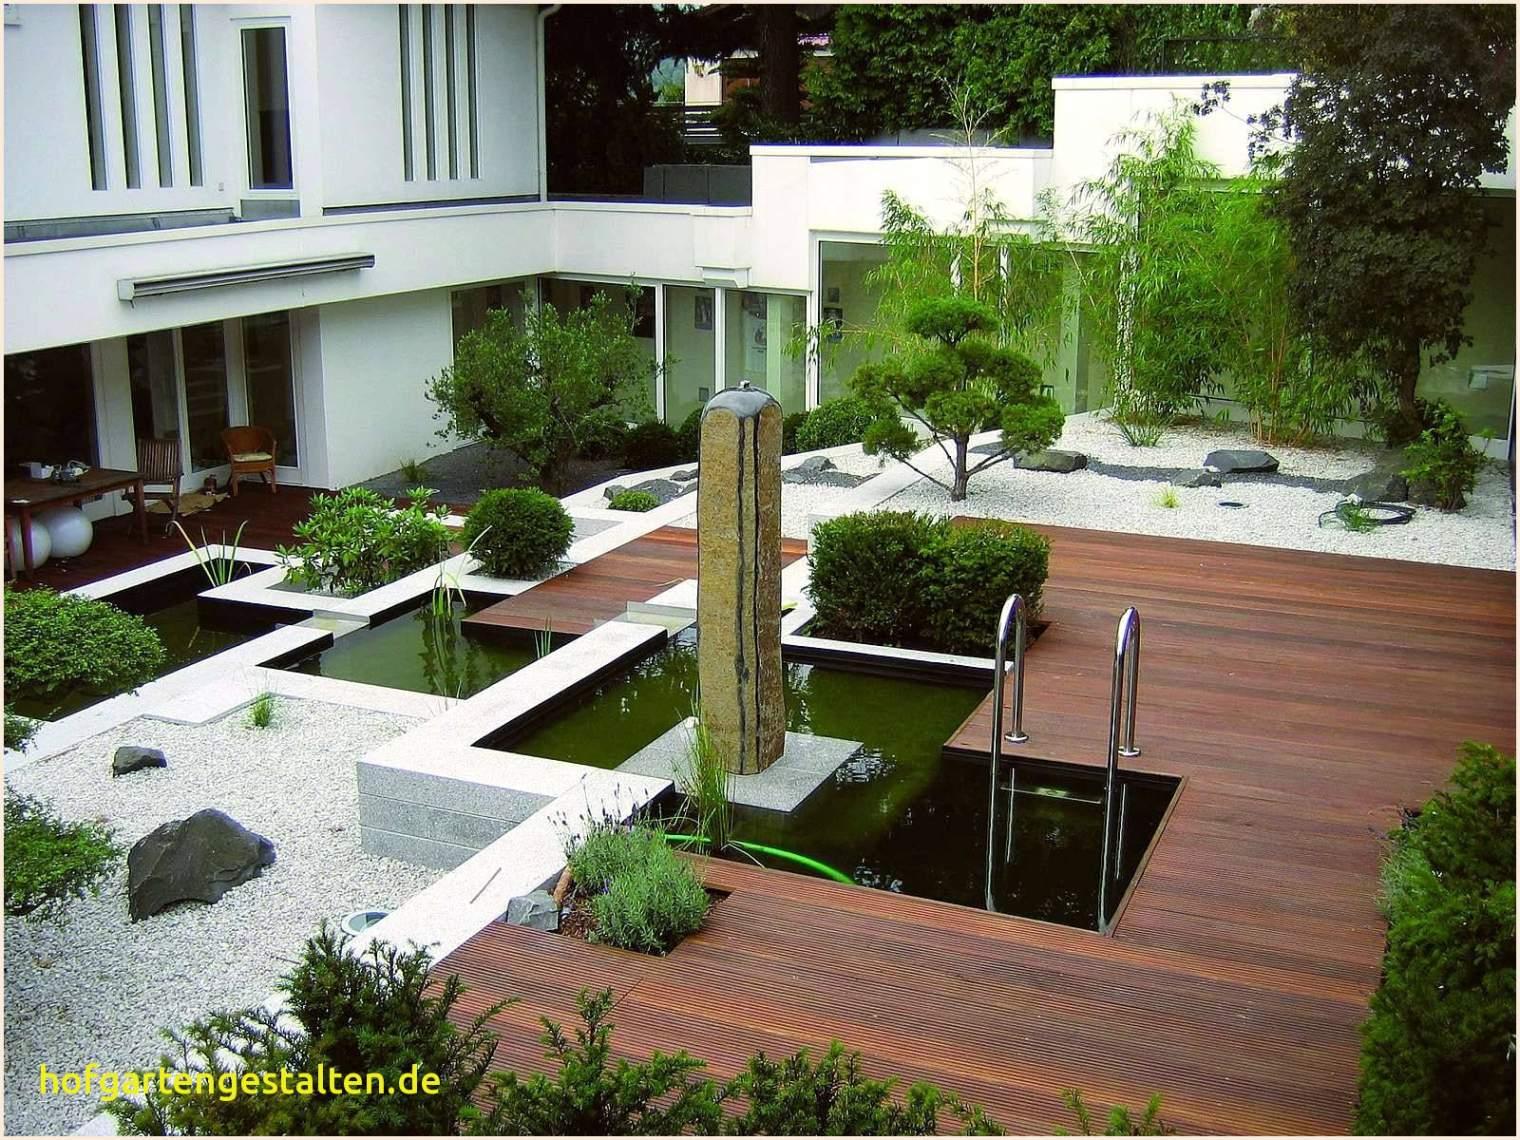 Pflegeleichte Gärten Beispiele Luxus Großen Garten Gestalten — Temobardz Home Blog